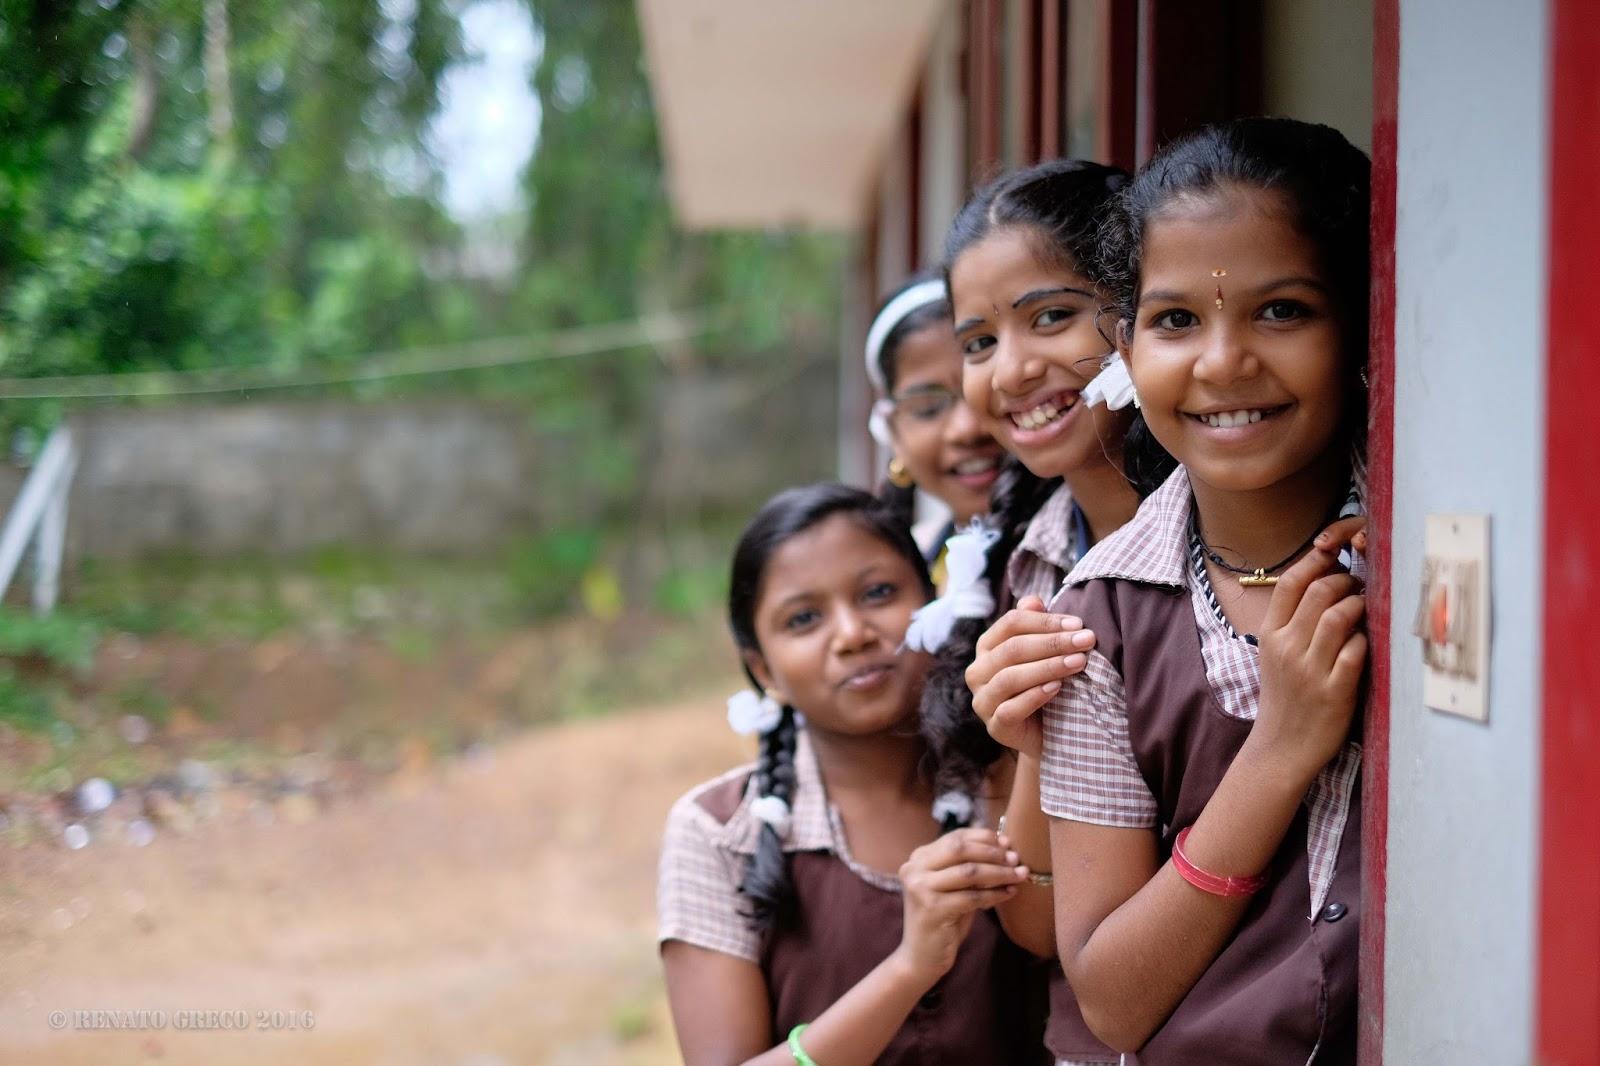 Incontri gratuiti in Tamil Nadu